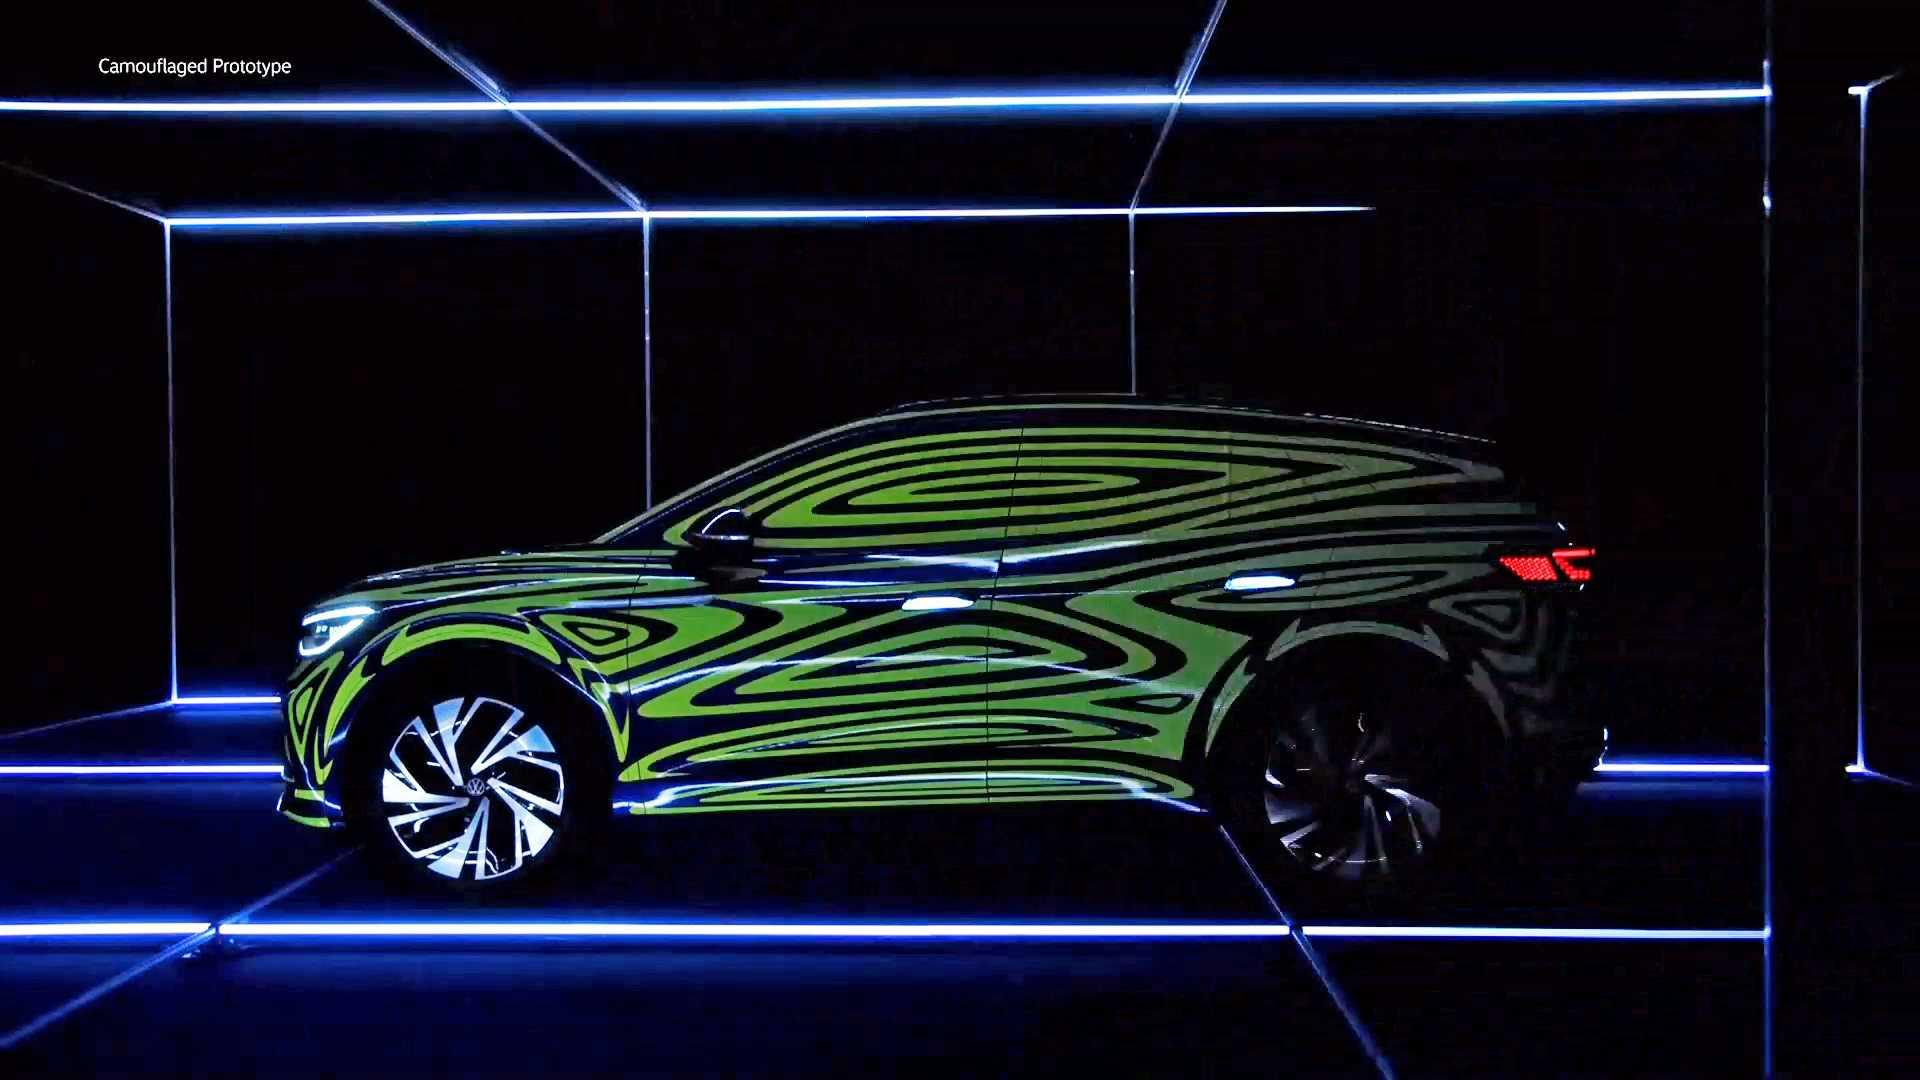 На стенде компании Volkswagen во Франкфурте продемонстрирован прототип, который, вероятно, ляжет в основу будущего электрокроссовера.